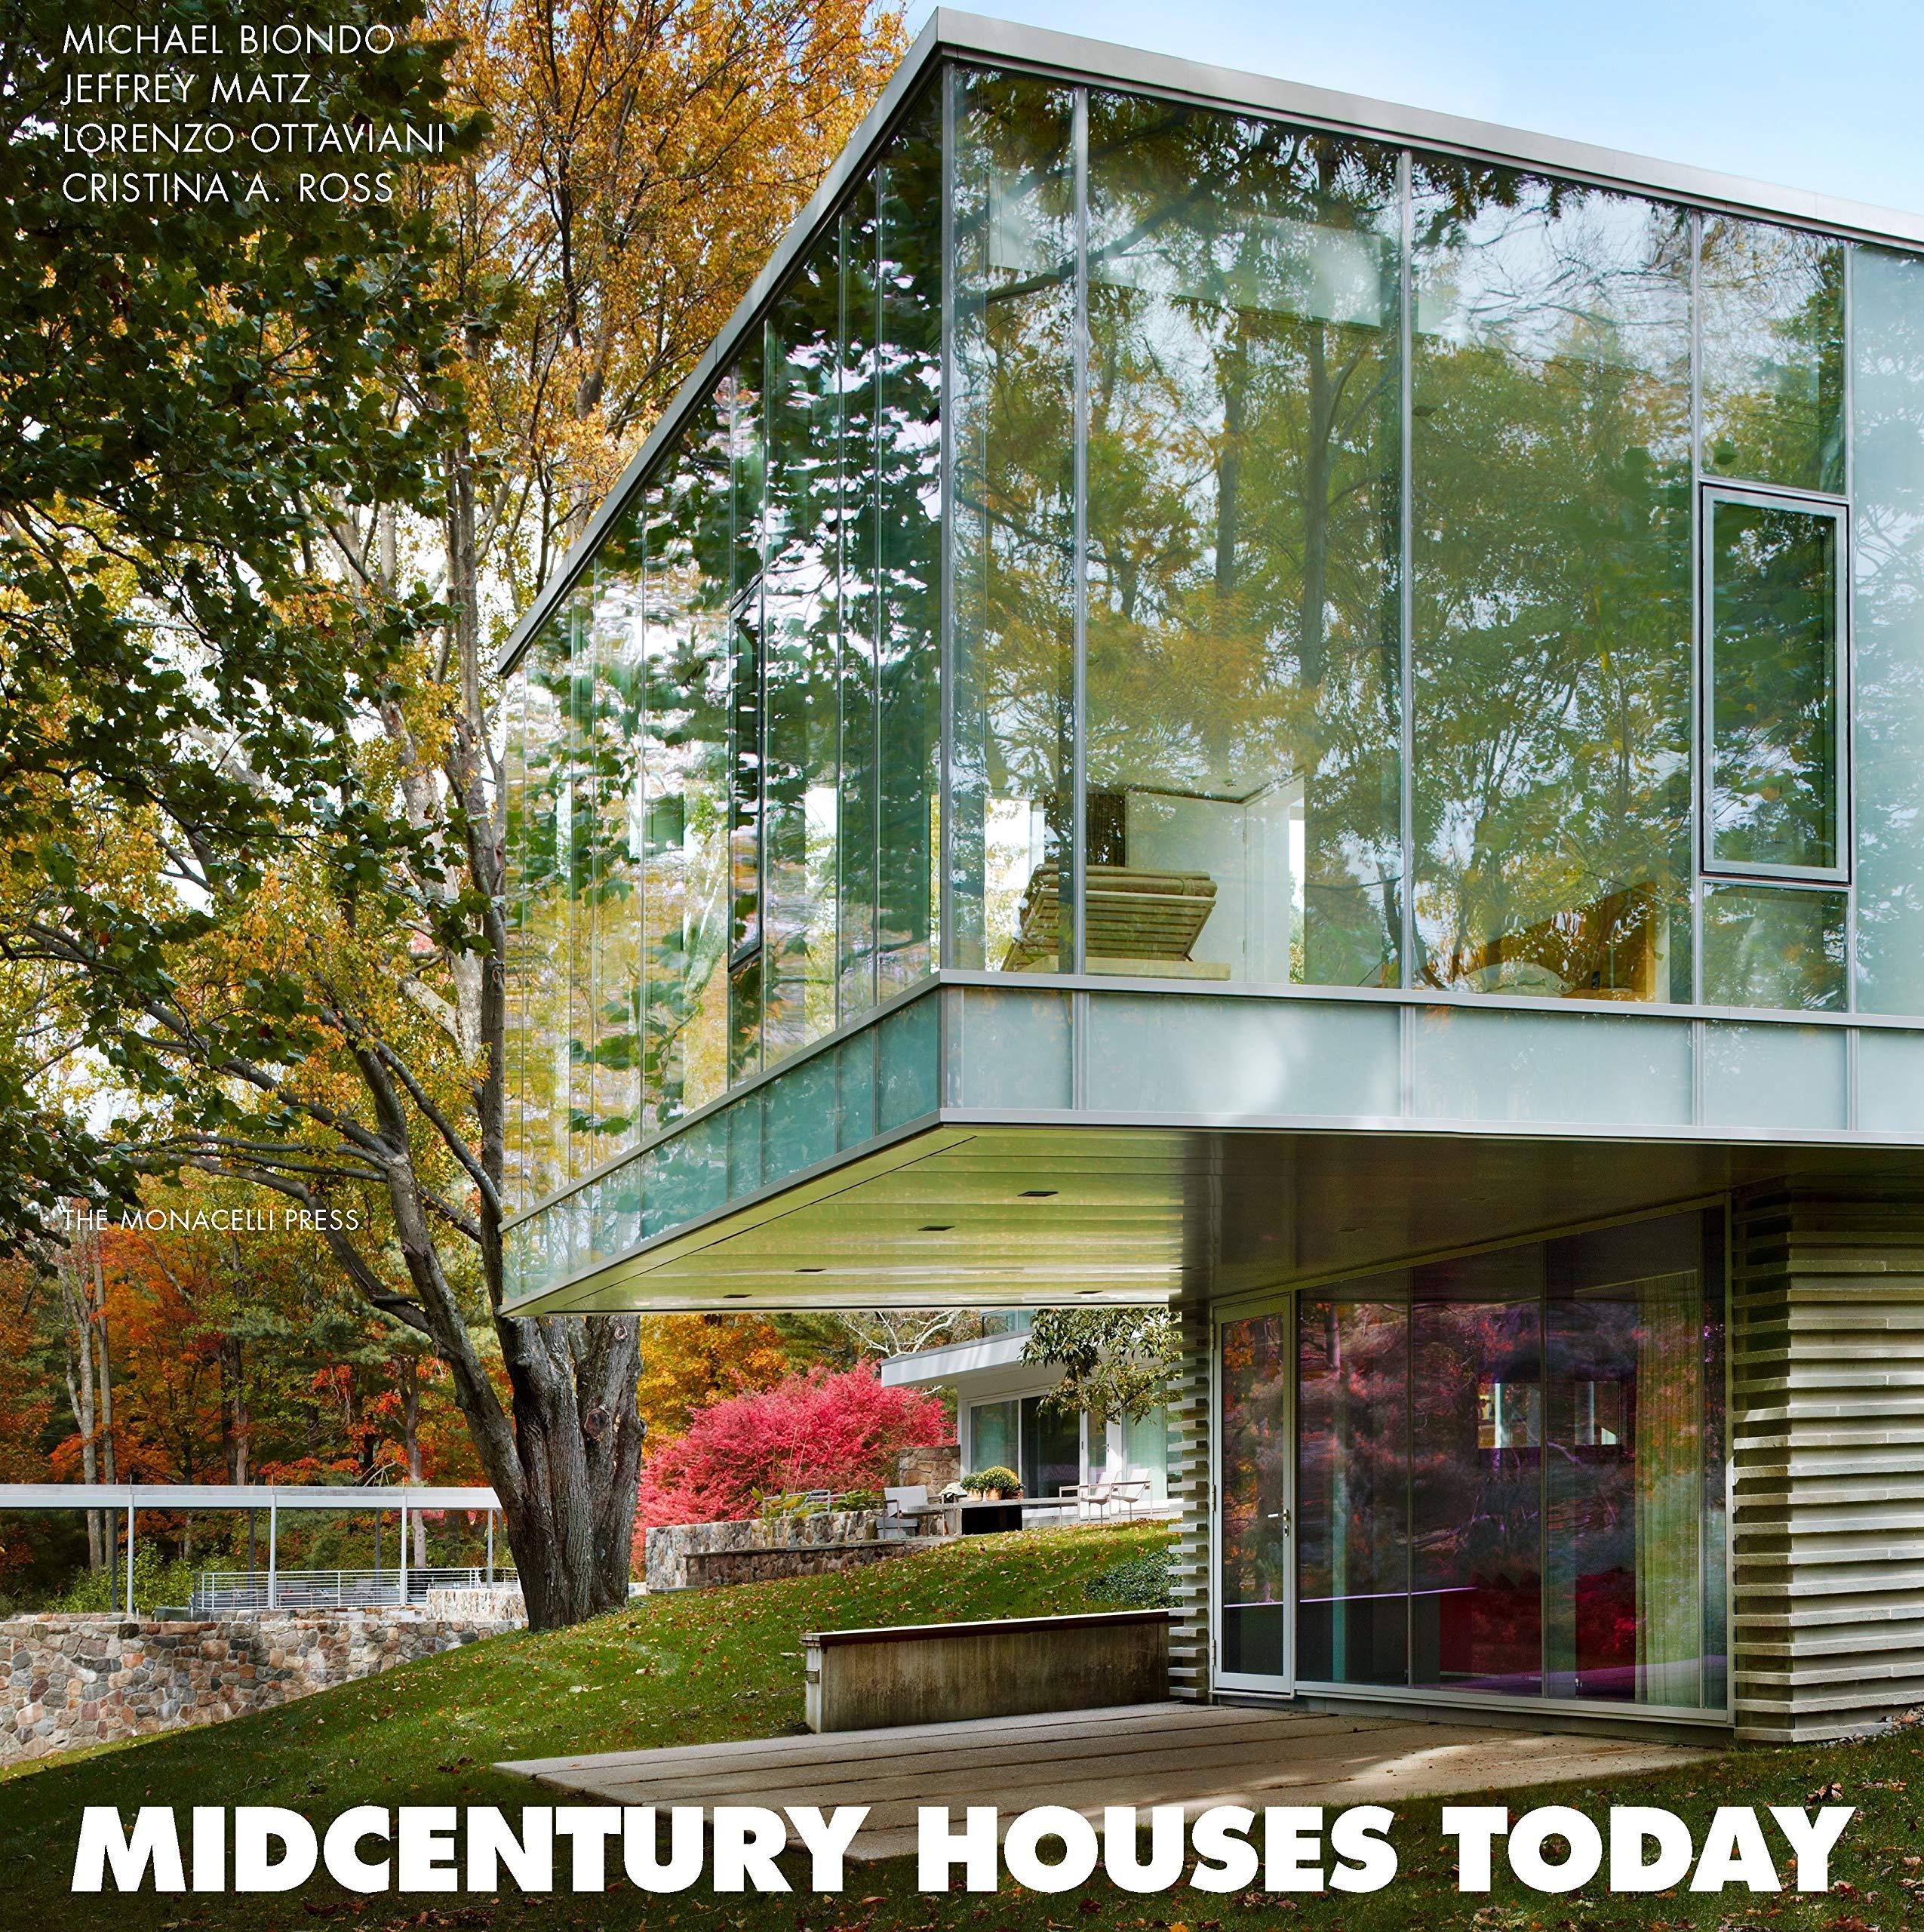 Midcentury Houses Today: Amazon.es: Ottaviani Lorenzo: Libros en idiomas extranjeros